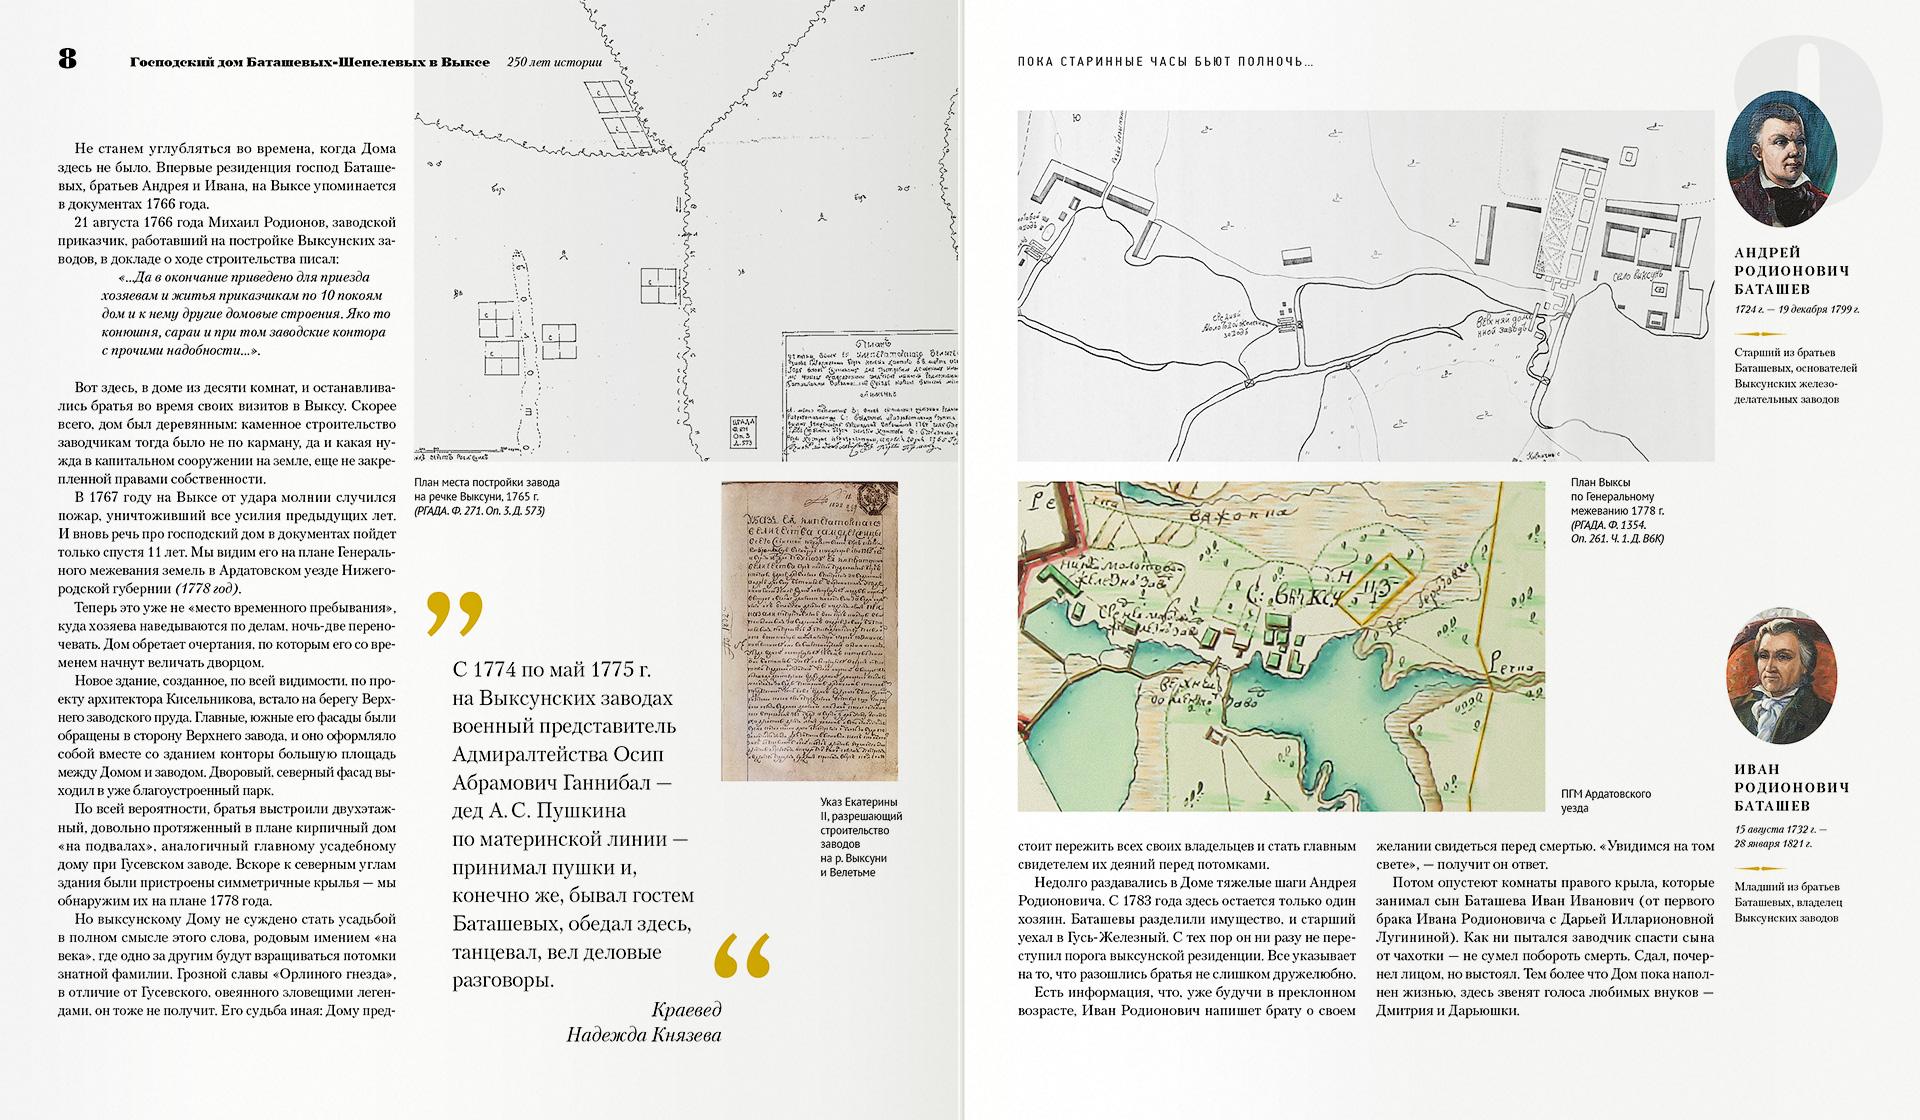 Дизайн книги о музее